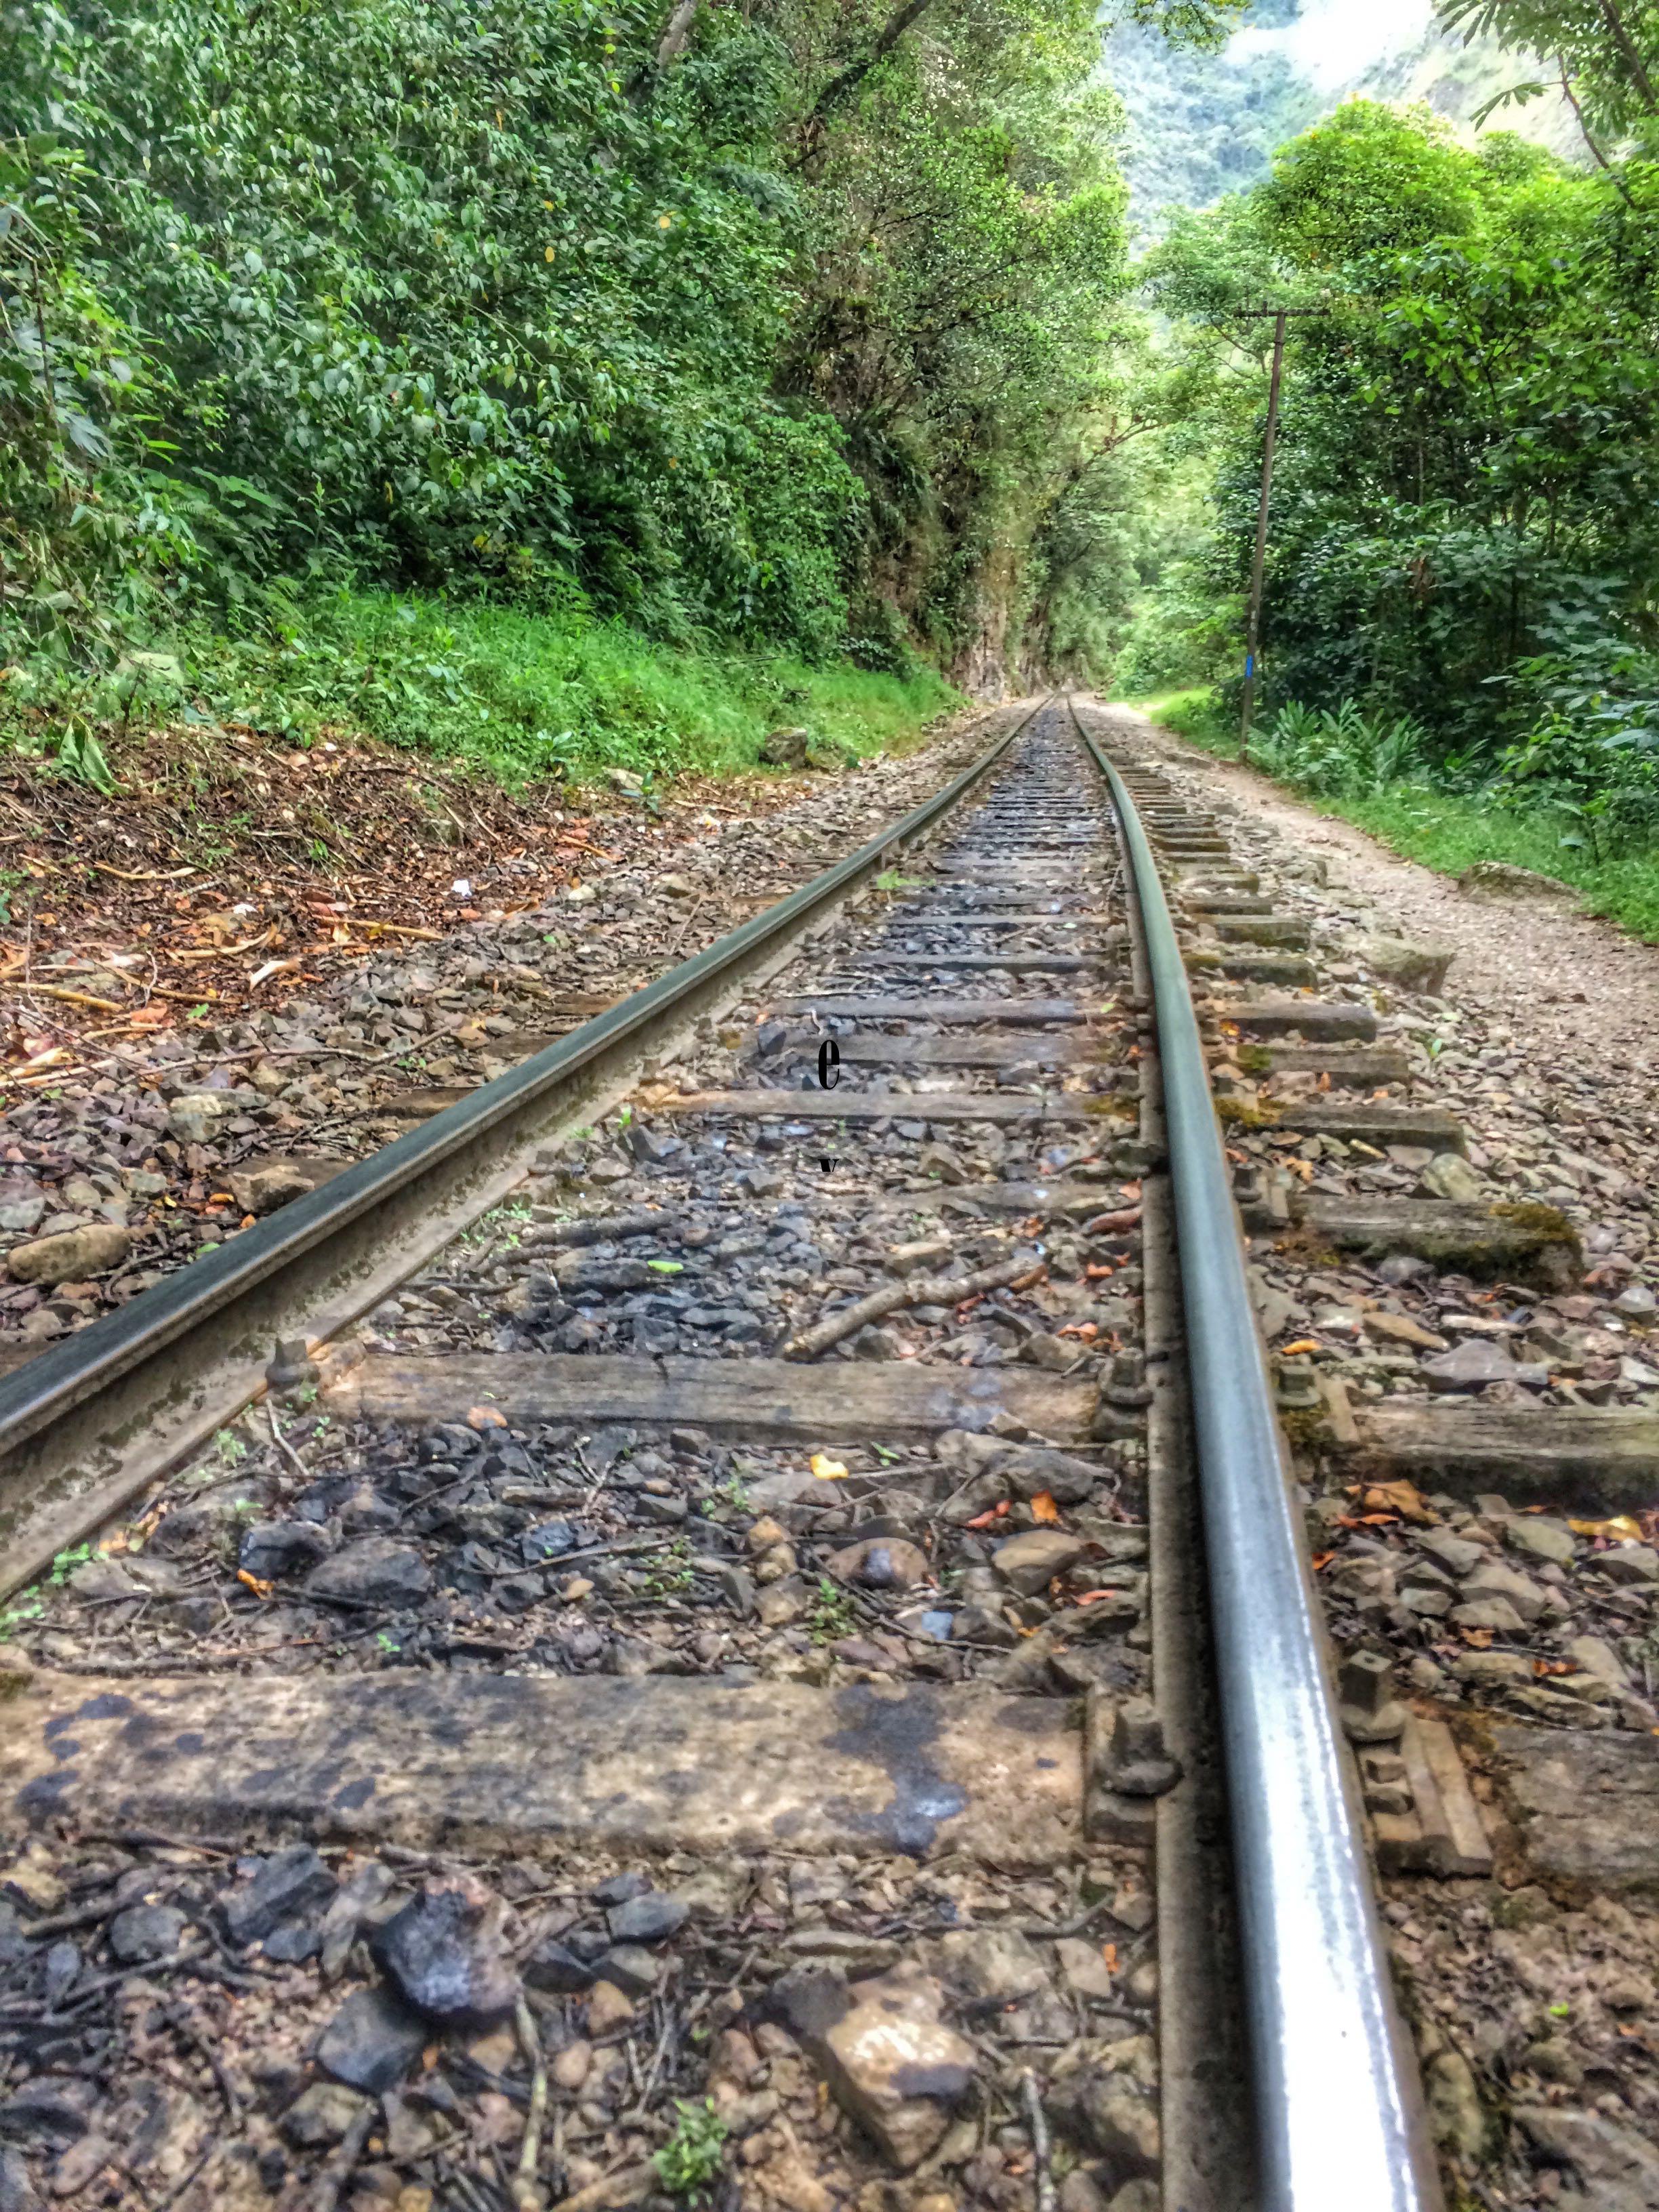 INCA TRAIL TRAIN RIDE 104 MARK